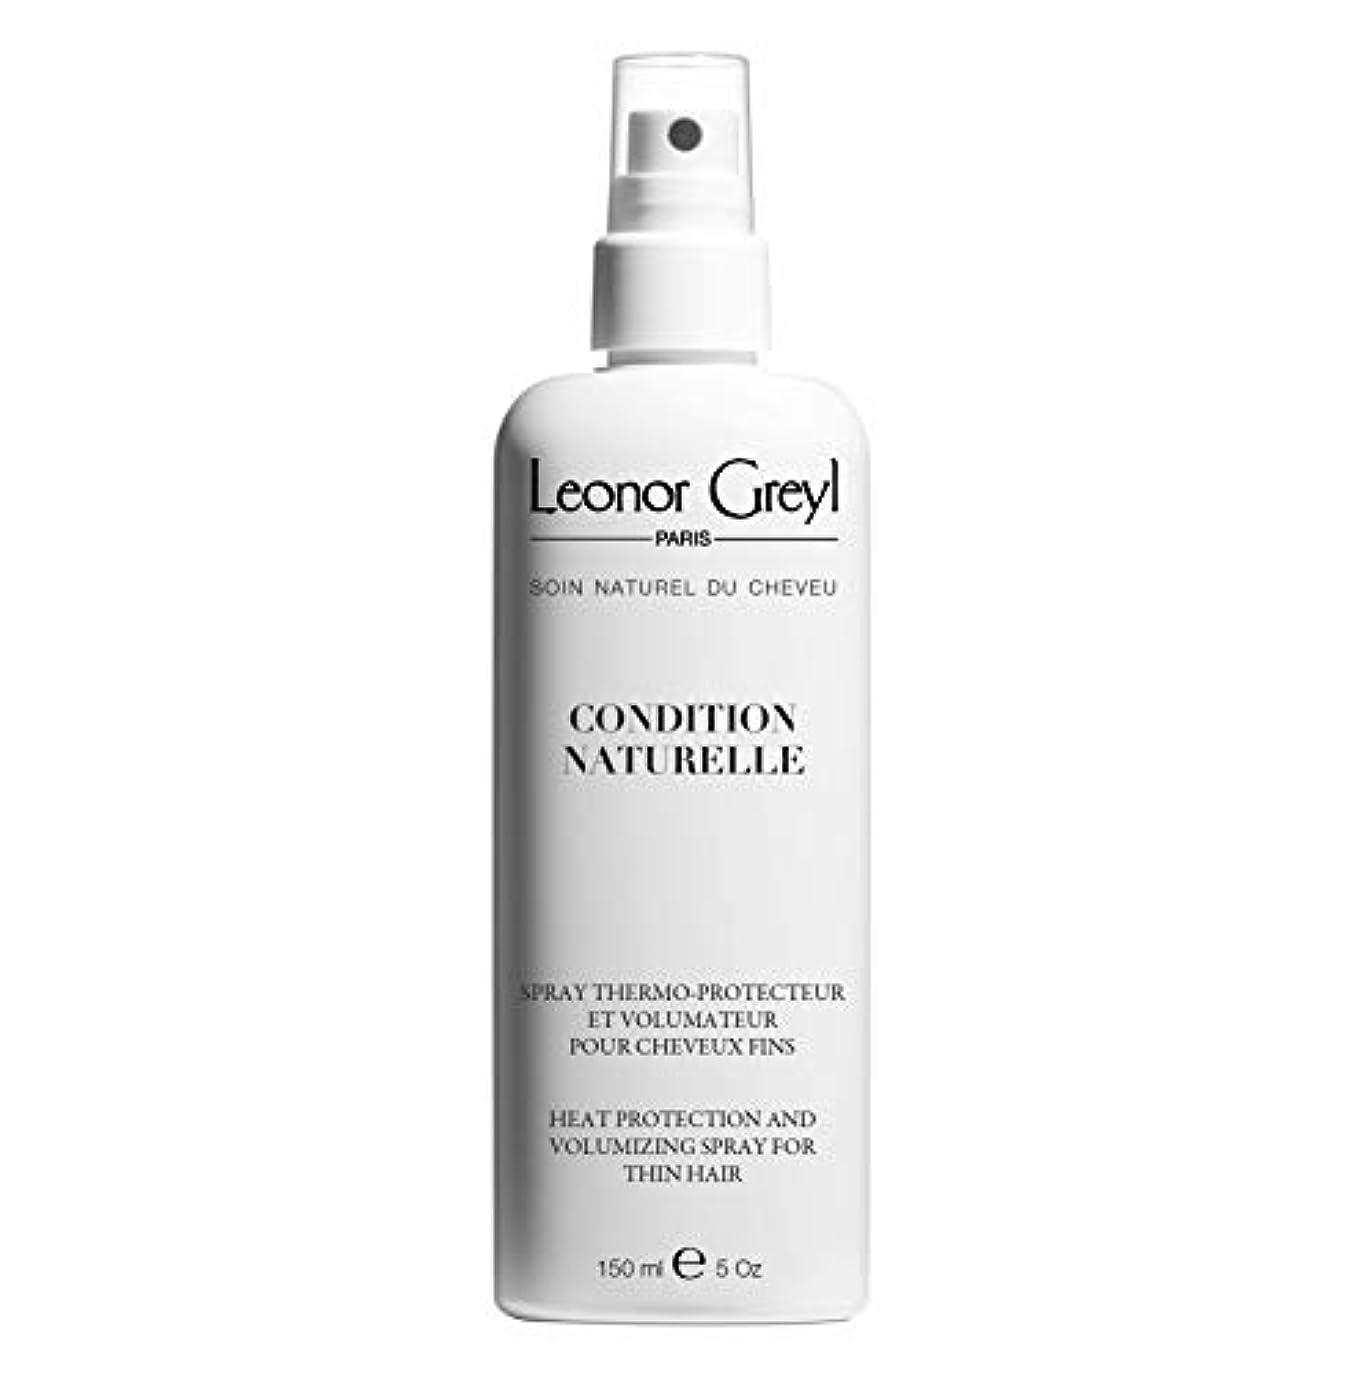 確かめるトーク味付けLeonor Greyl Paris コンディションNaturelle - 熱は保護とボリューム化は薄い髪、5.2オンスのためのスプレー。